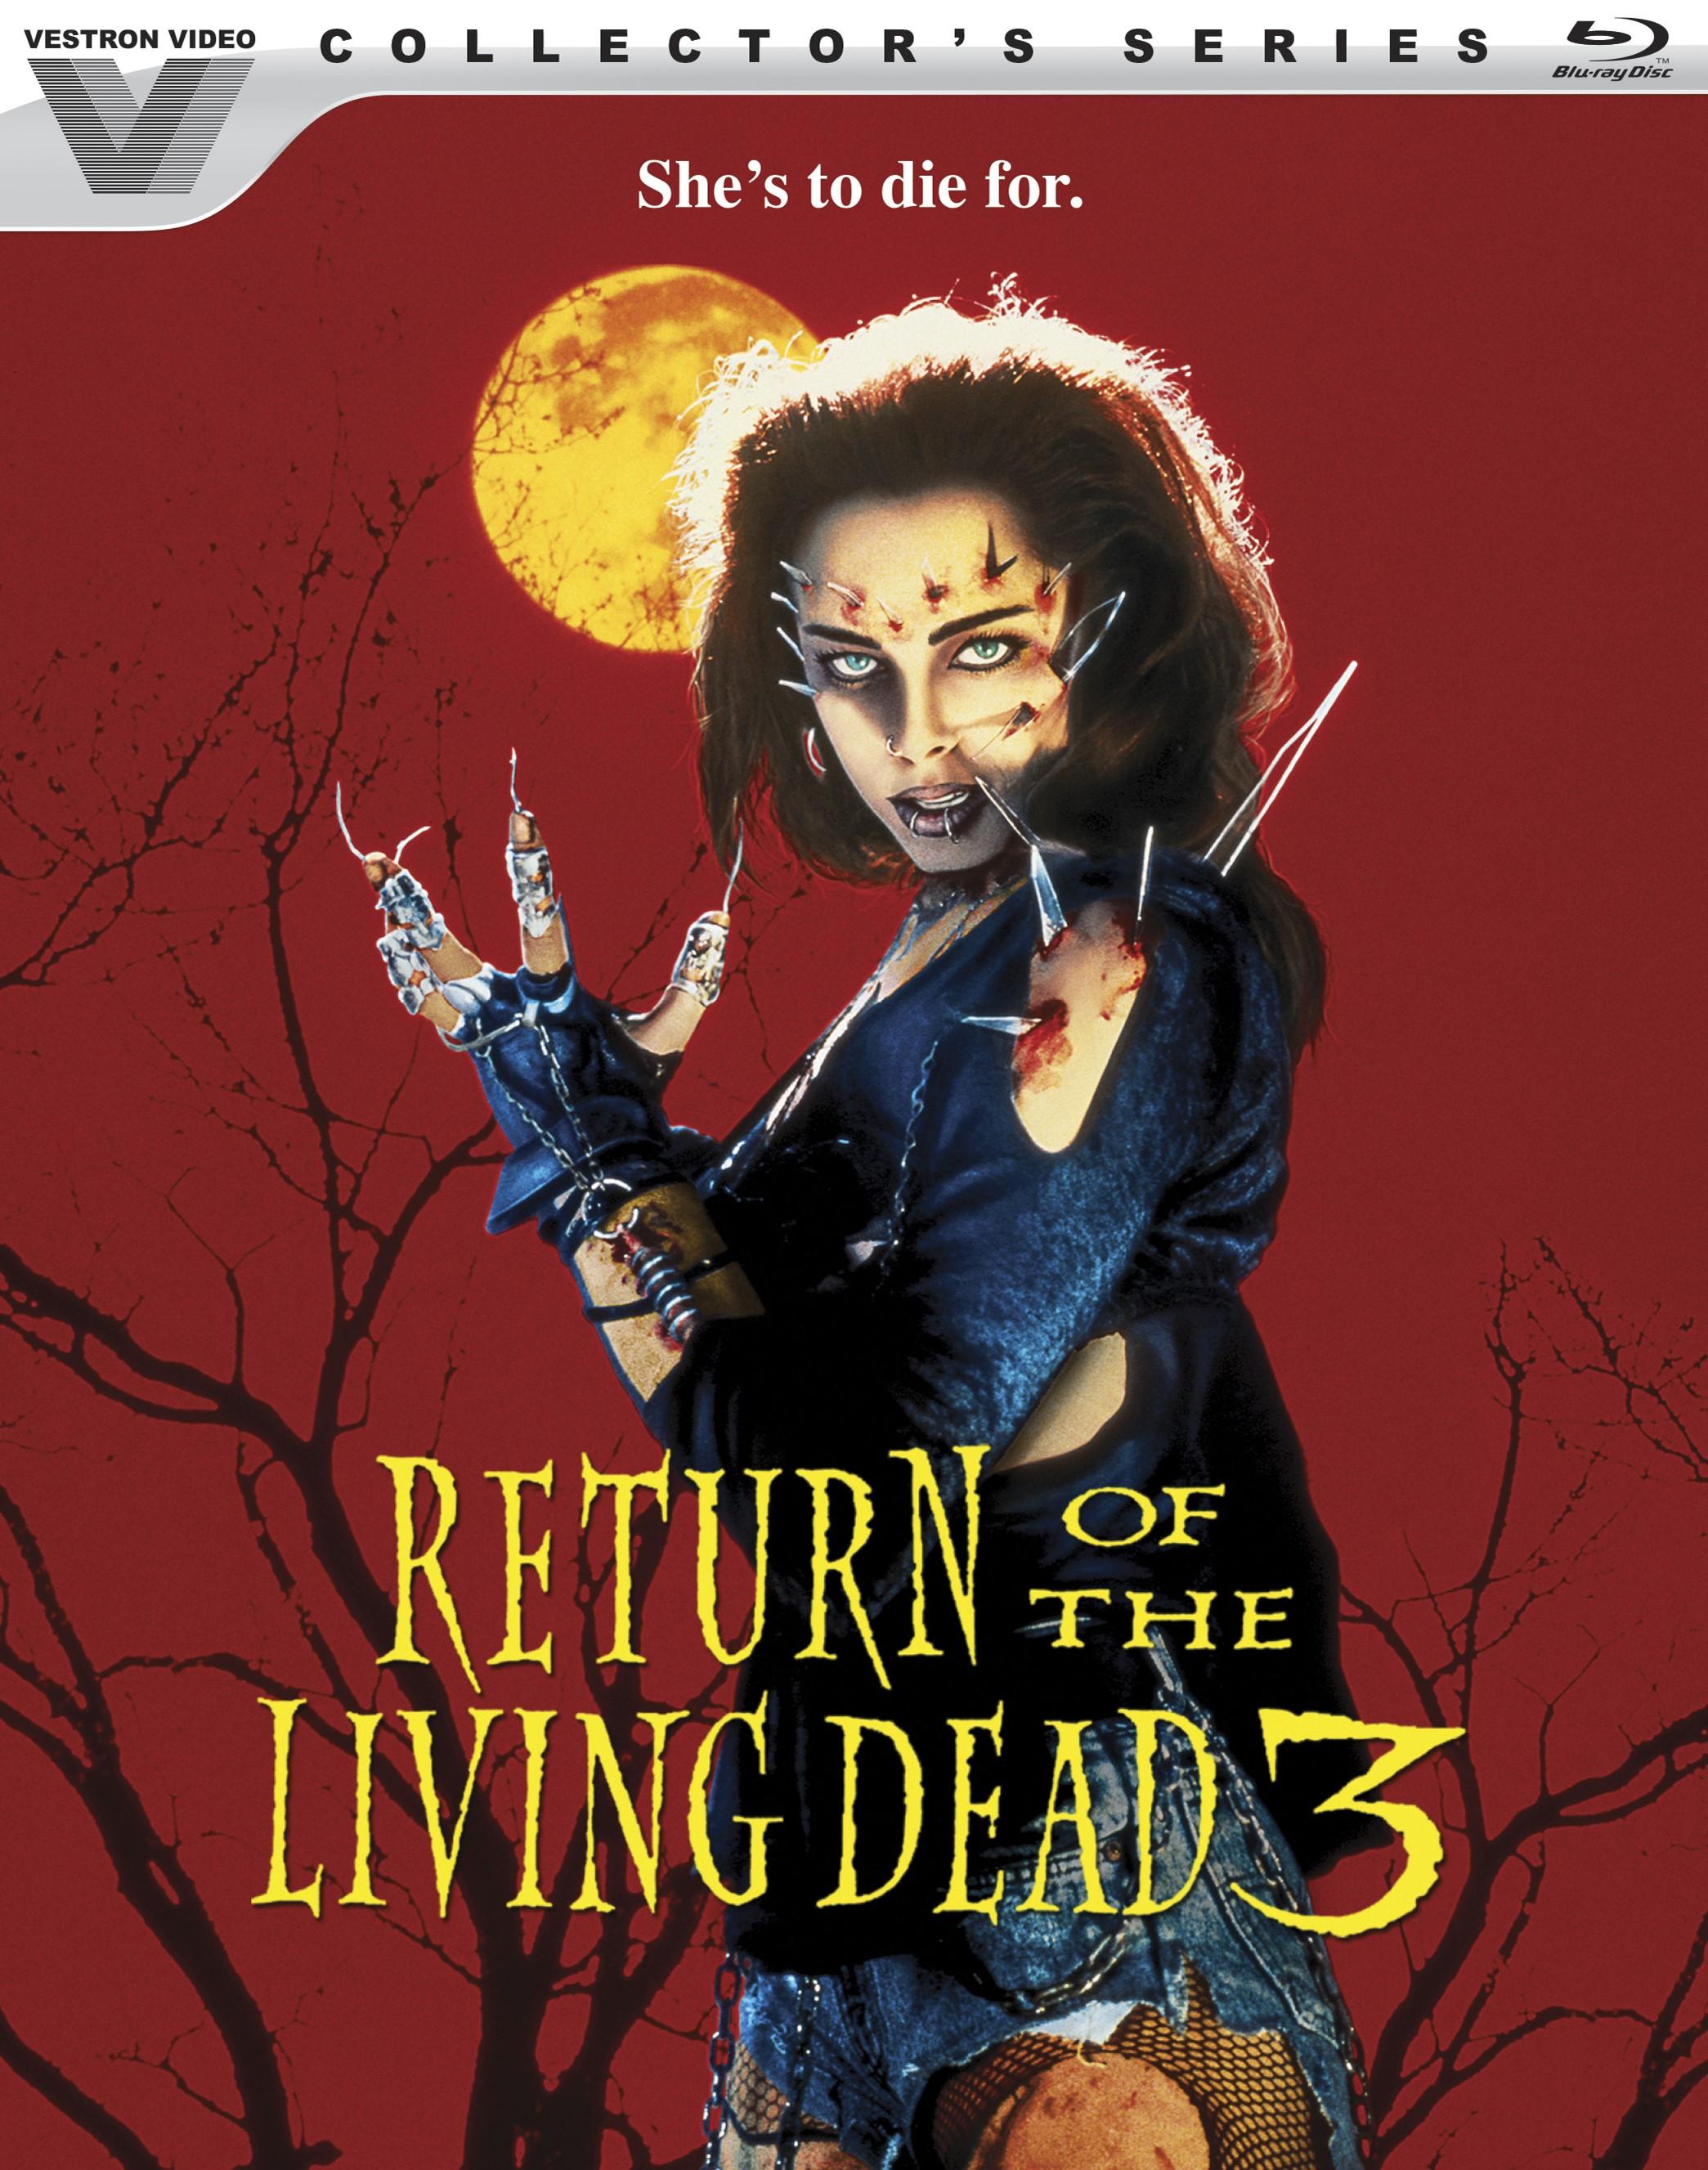 melinda-clarke-return-living-dead-3